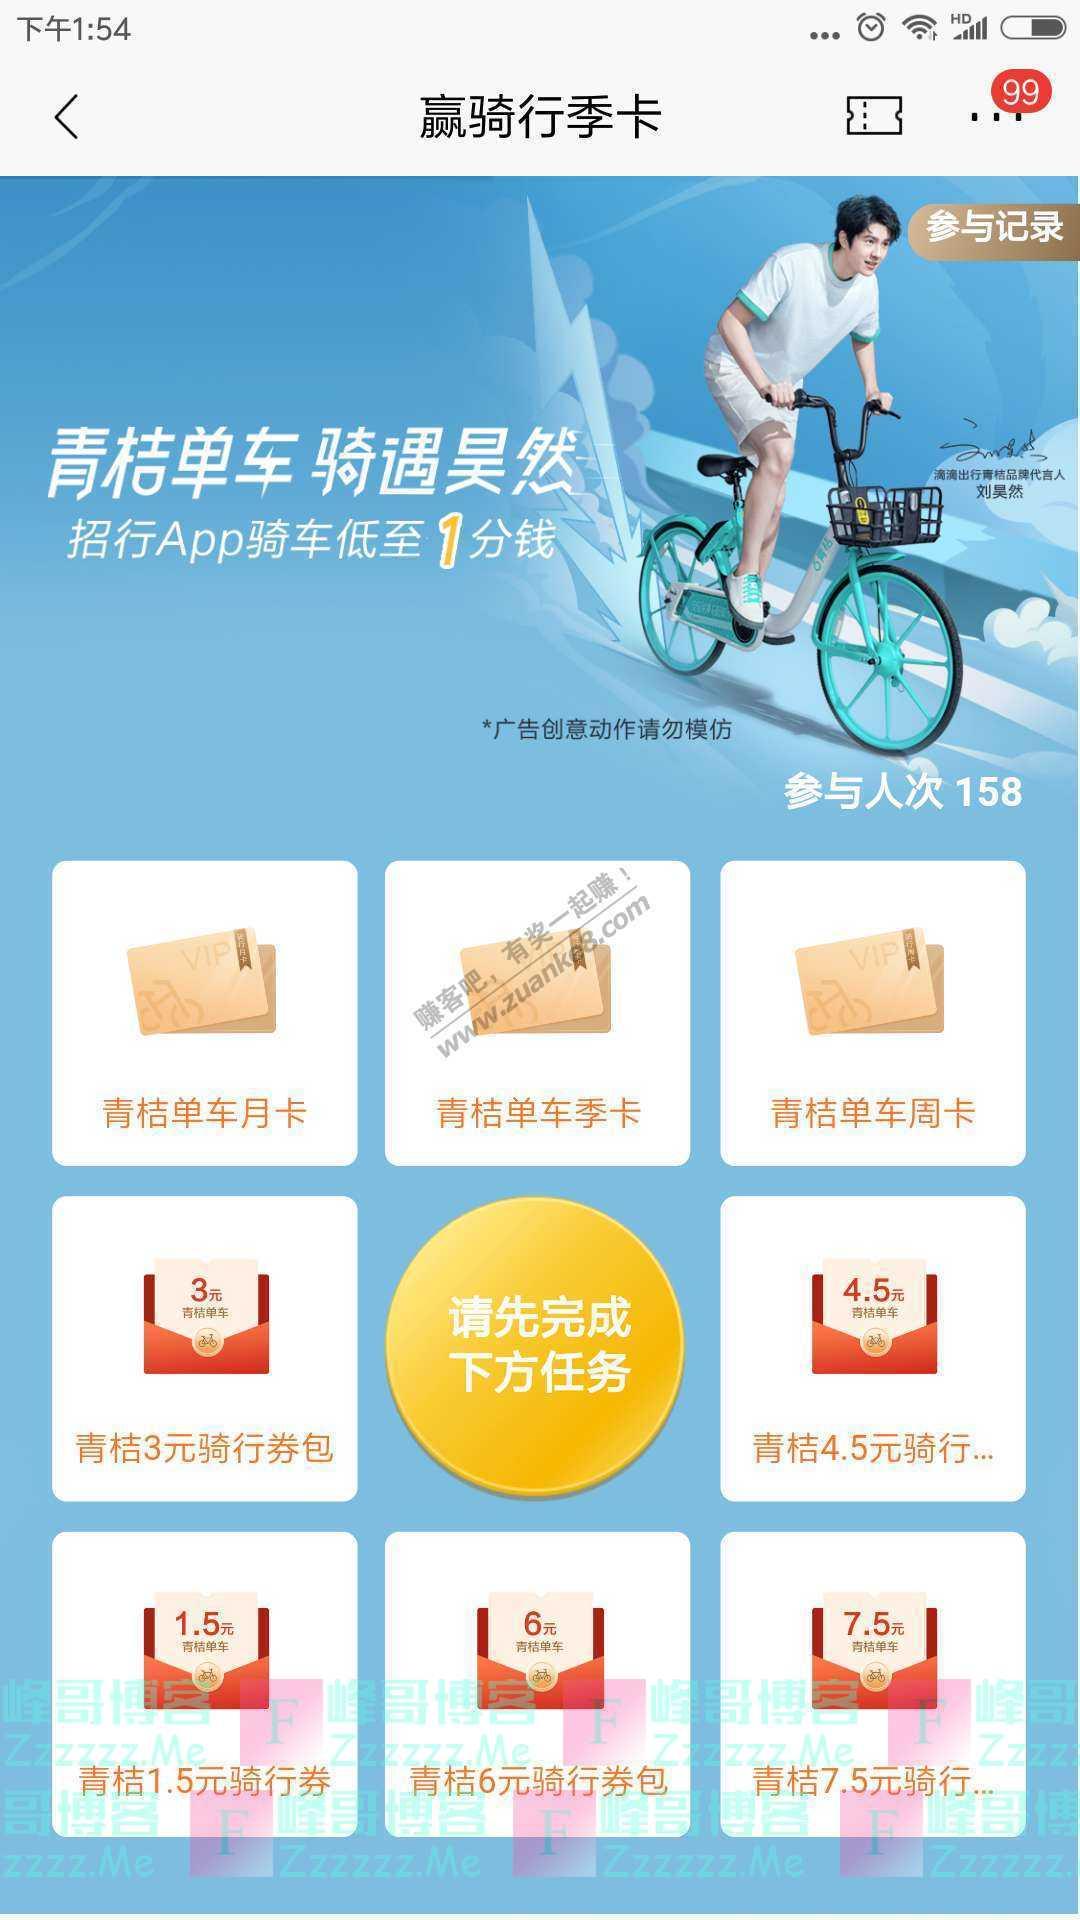 招商银行app赢骑行季卡(截止7月31日)